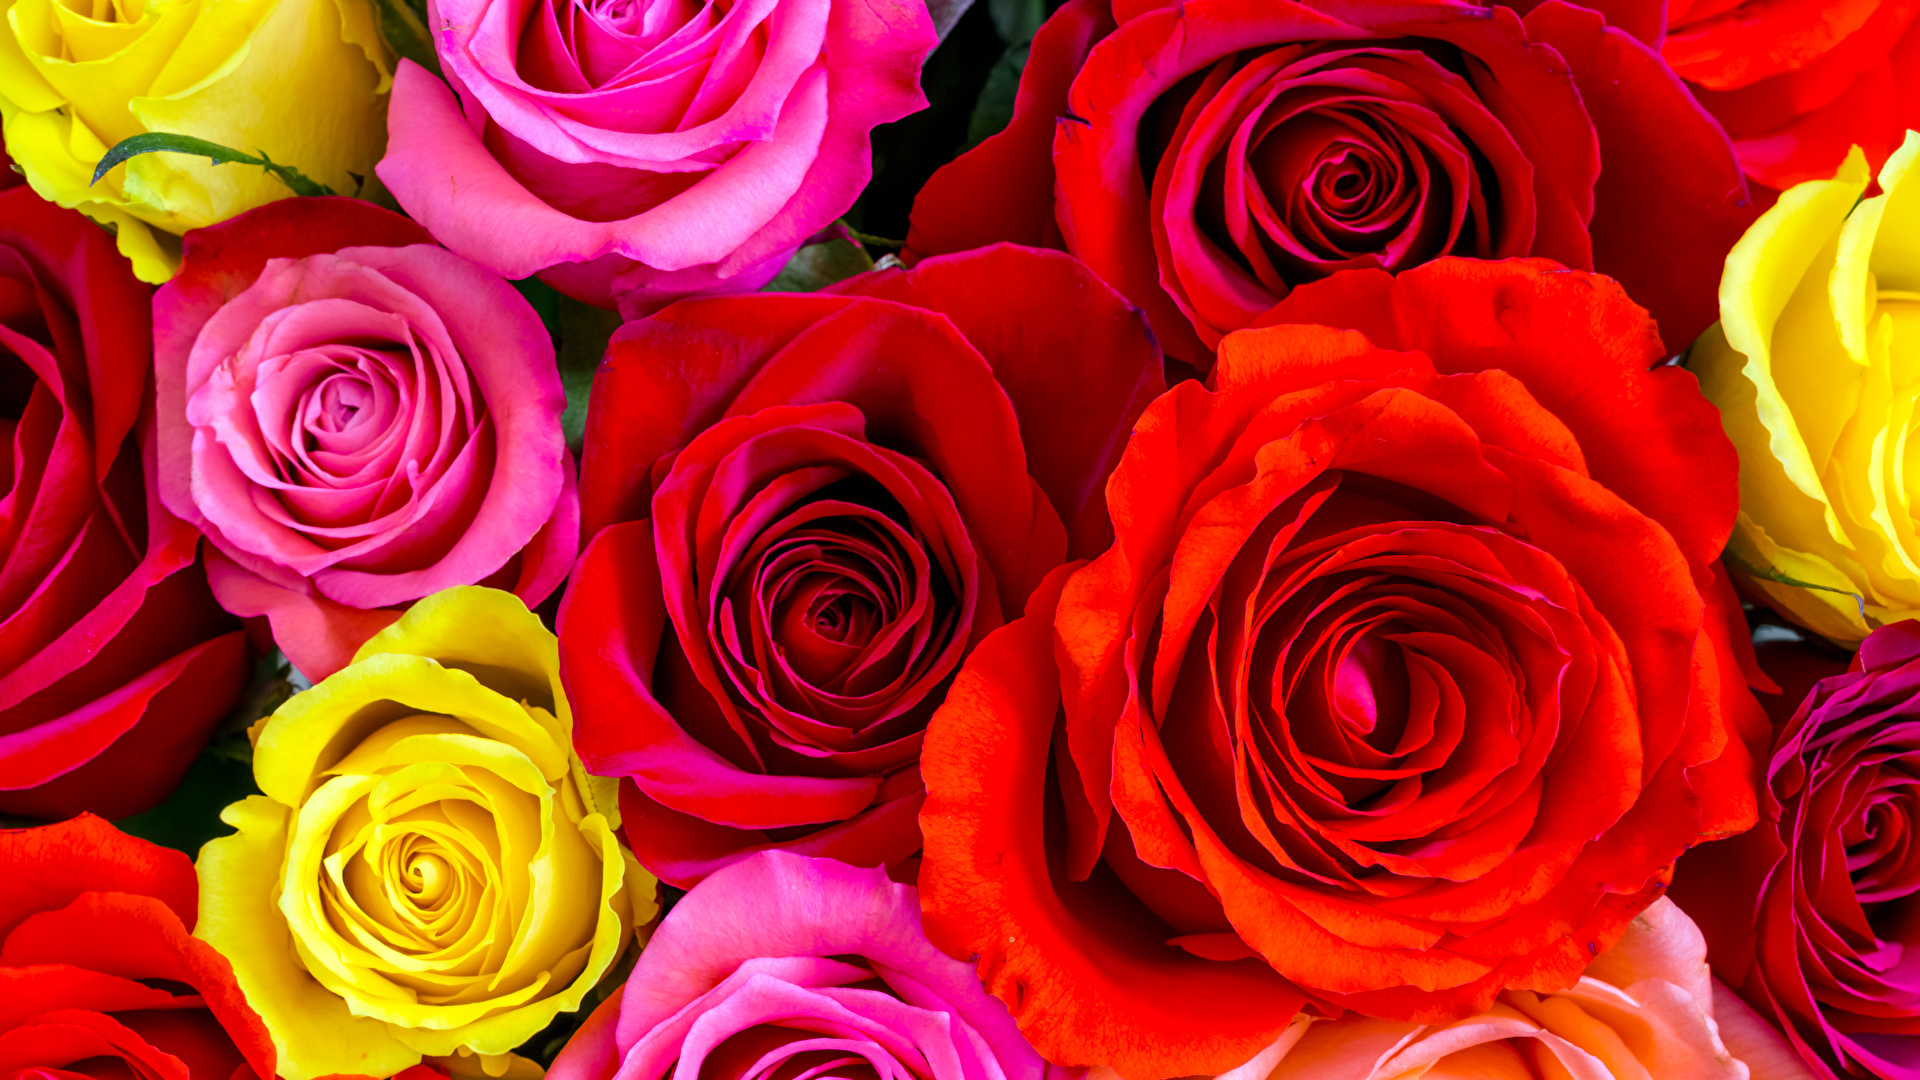 деталь картинки с розами красивые живыми формируя визуальное представление